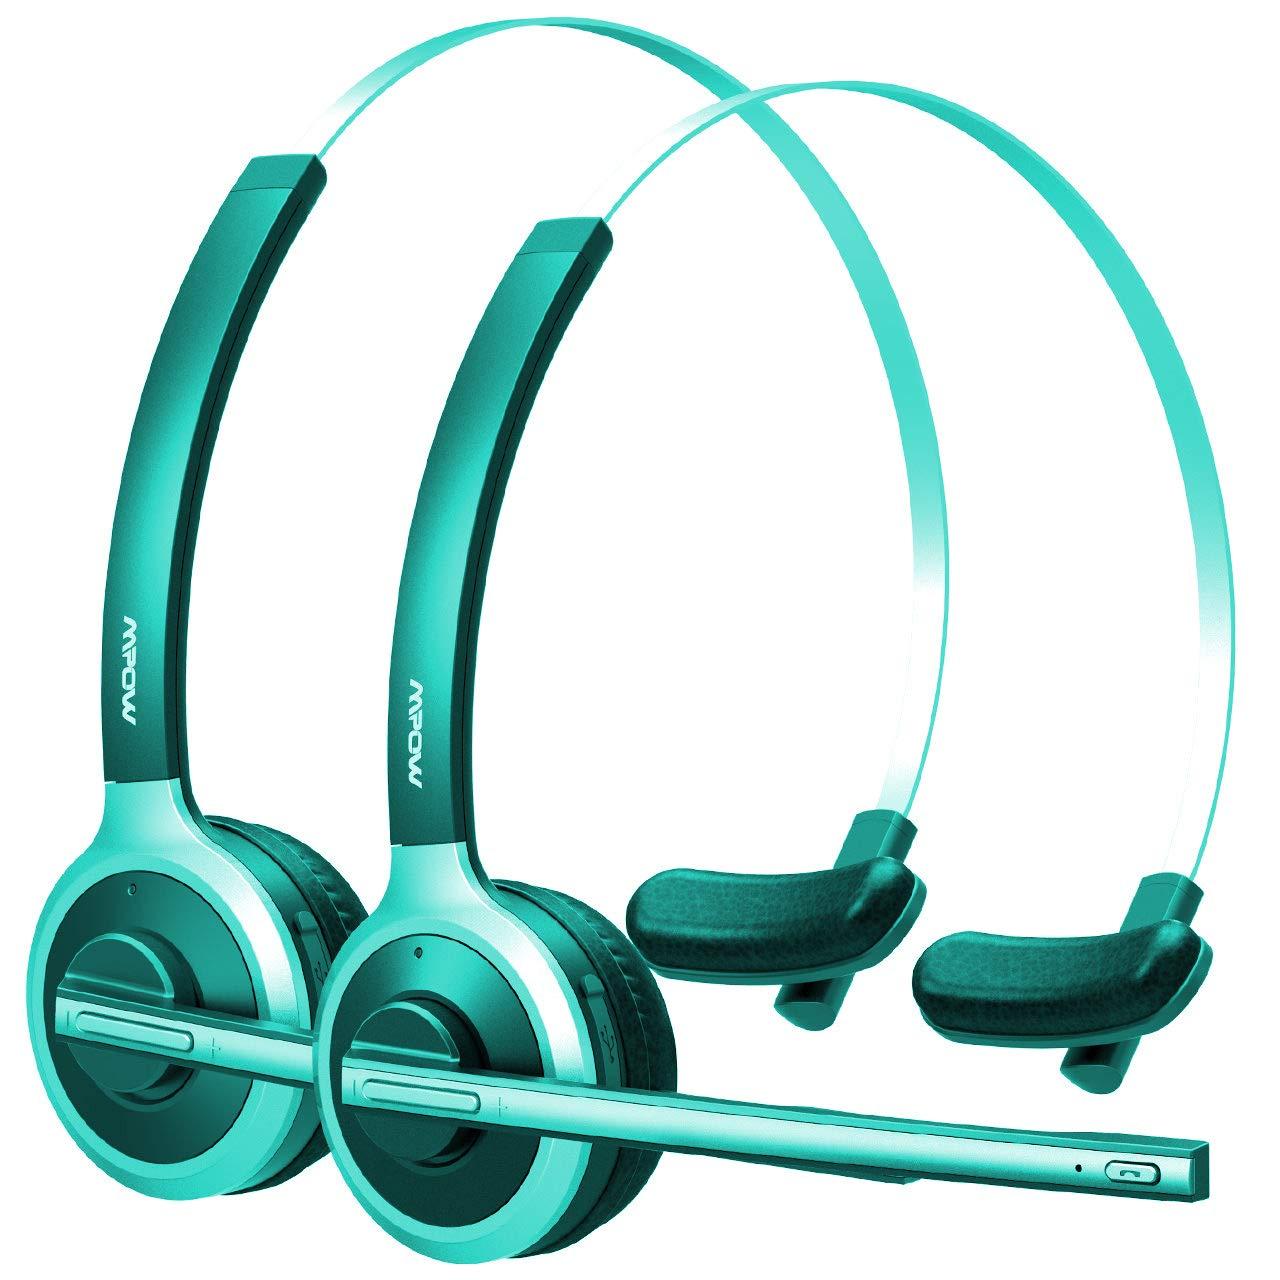 Mpow [ Pro - 2 ] v4 . 1 Bluetooth Officeヘッドセット/Truck Driverヘッドセット、ワイヤレスover headイヤホンwithマイクノイズリダクションの再生の電話、Skype、コールセンター(サポートメディア) グレイ B075FTM3C4